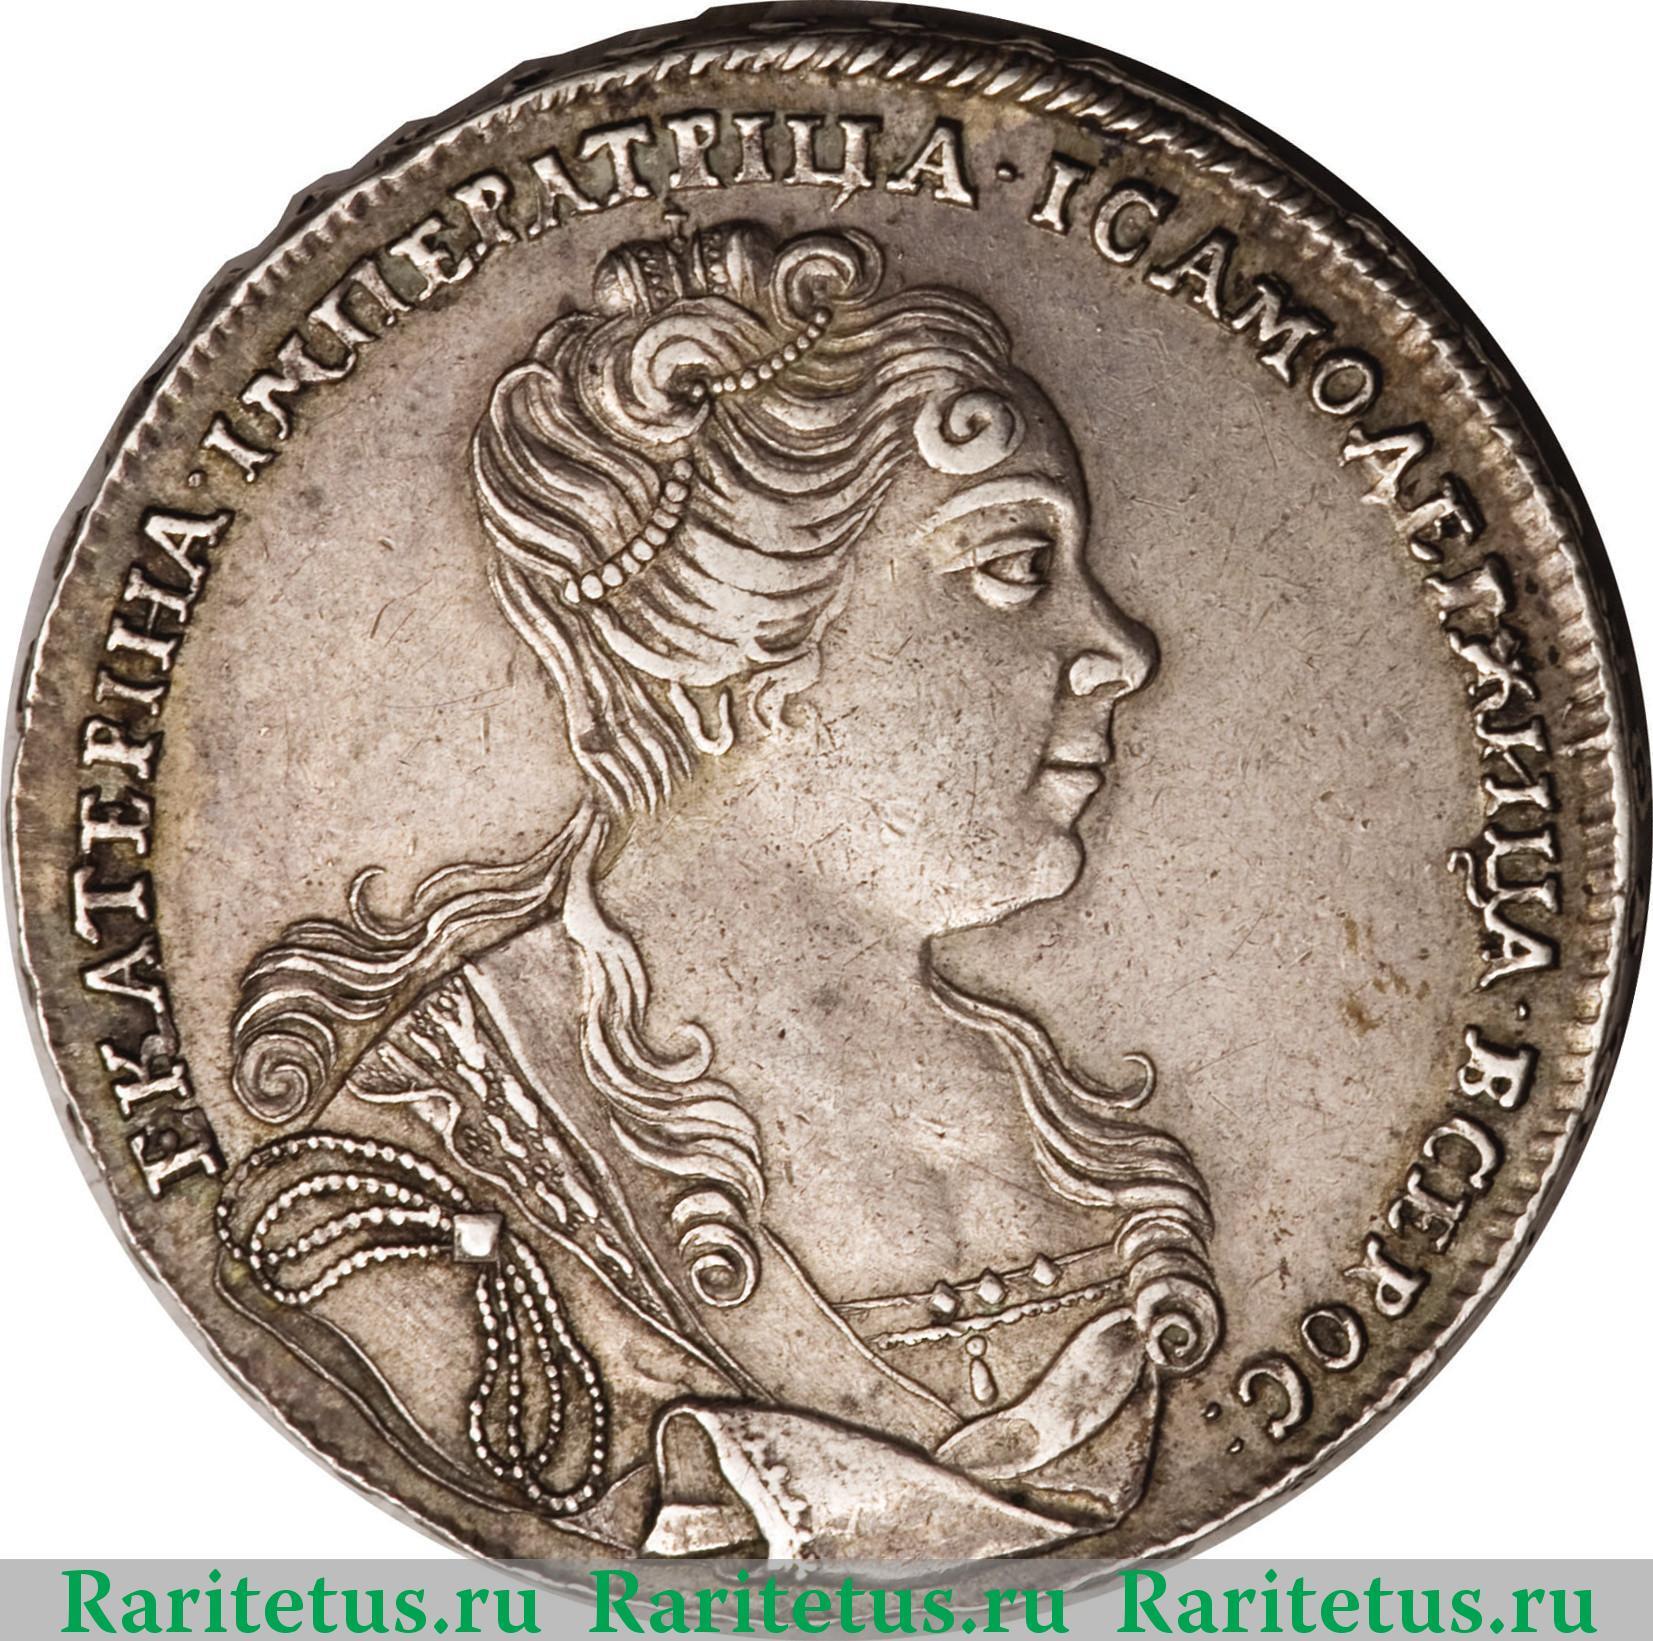 Каталог монет империи с ценами 2017 древние города россии 10 рублей